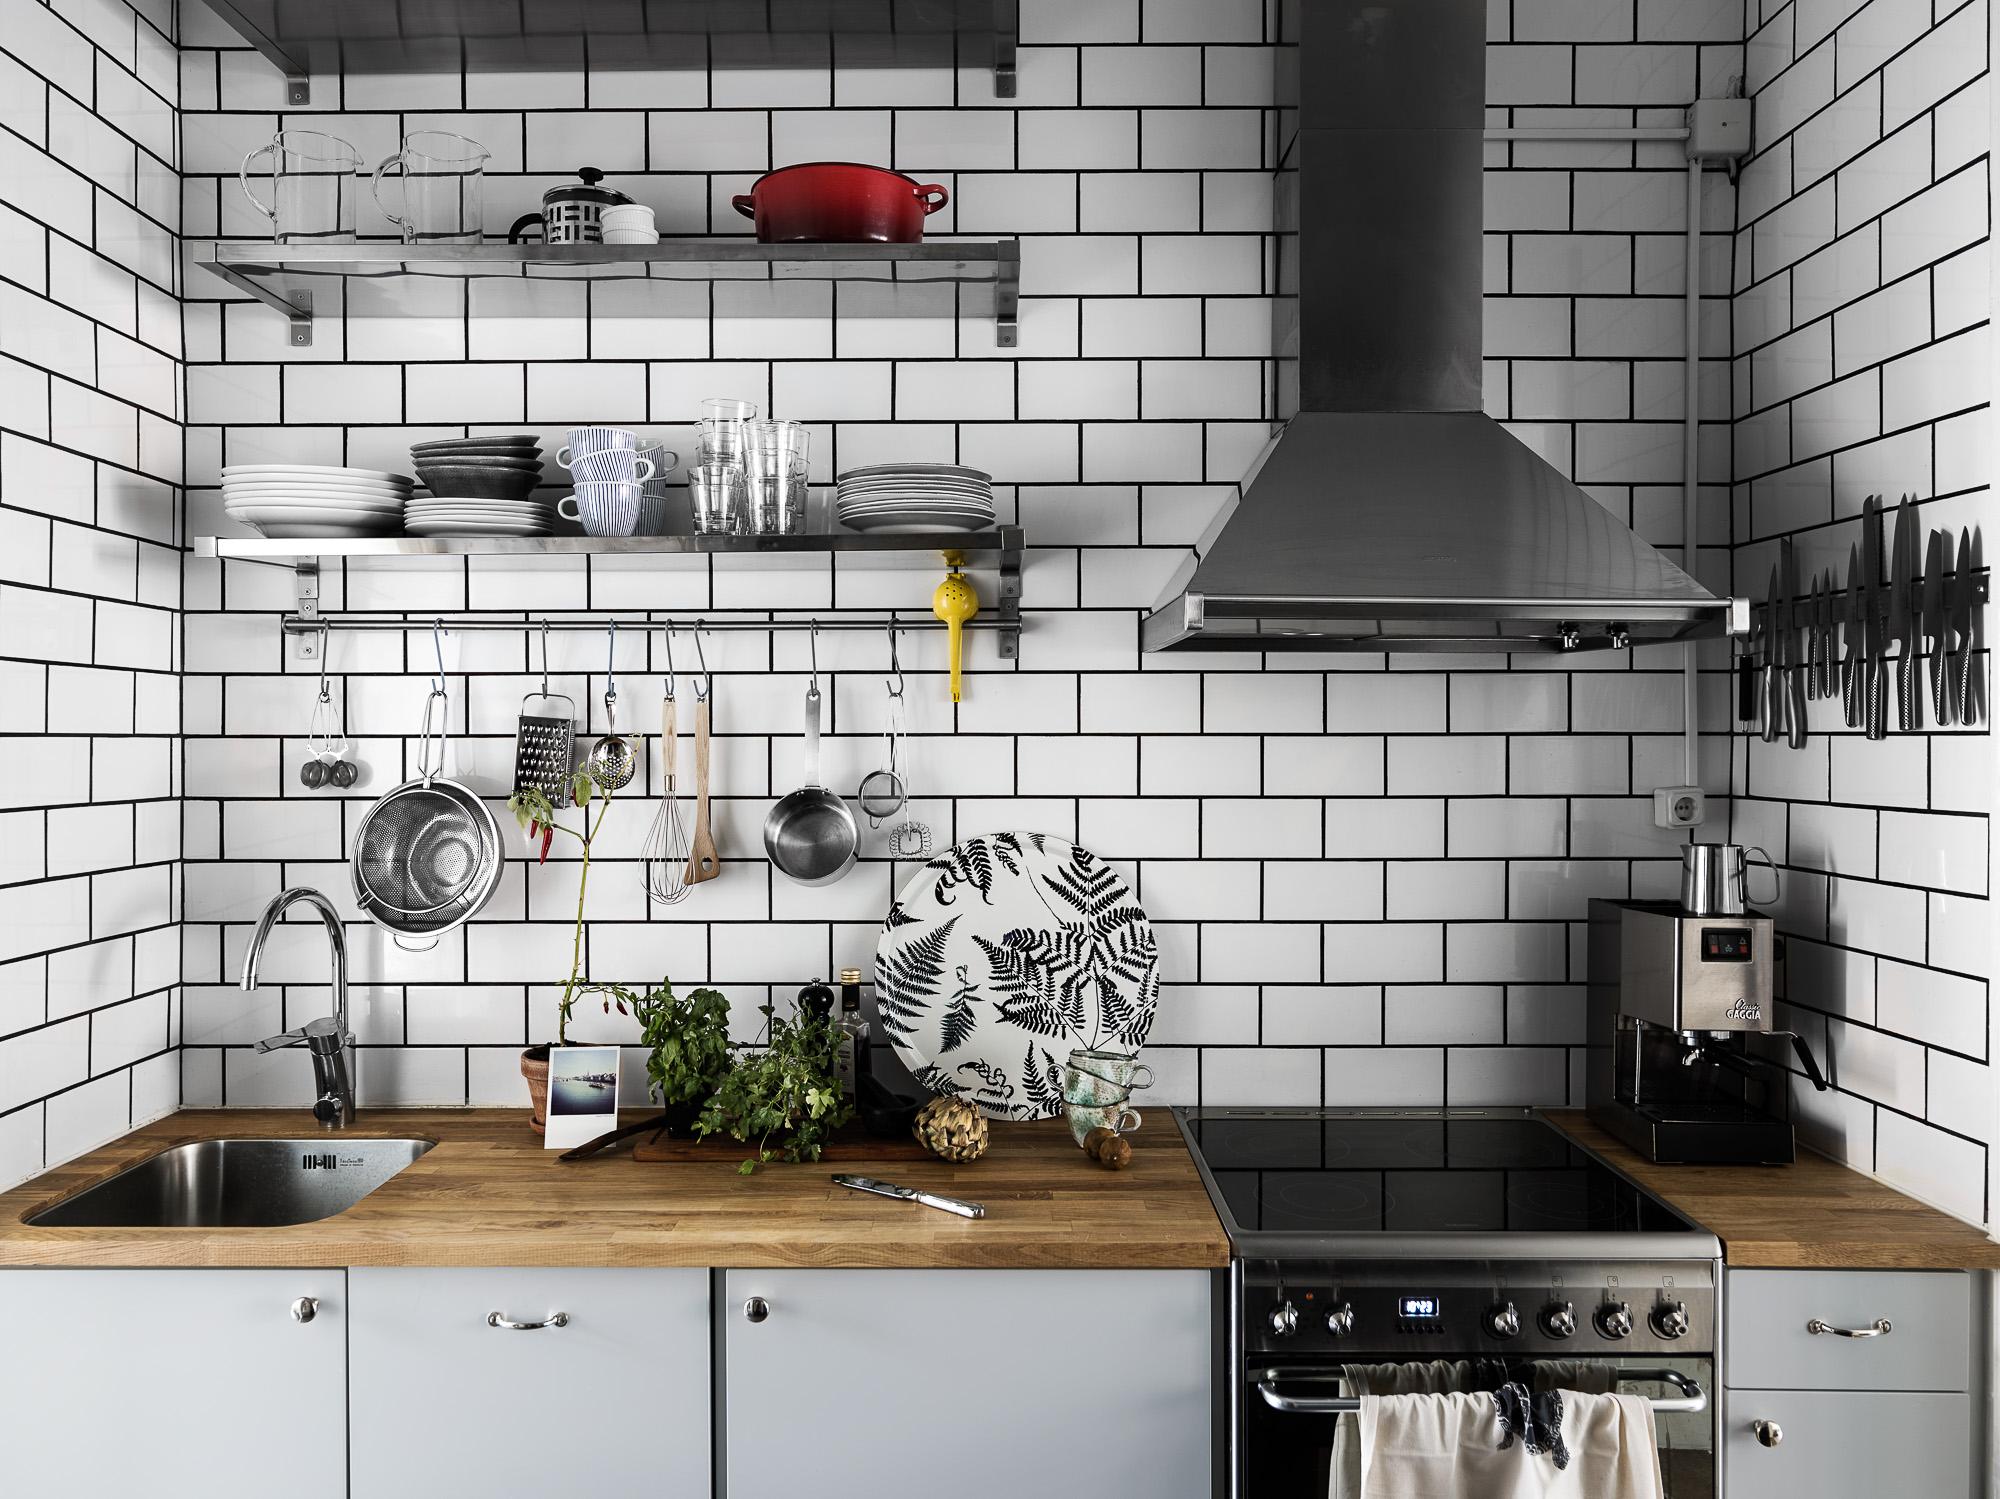 кухонная мебель полки белая плитка кабанчик плита вытяжка деревянная столешница мойка смеситель